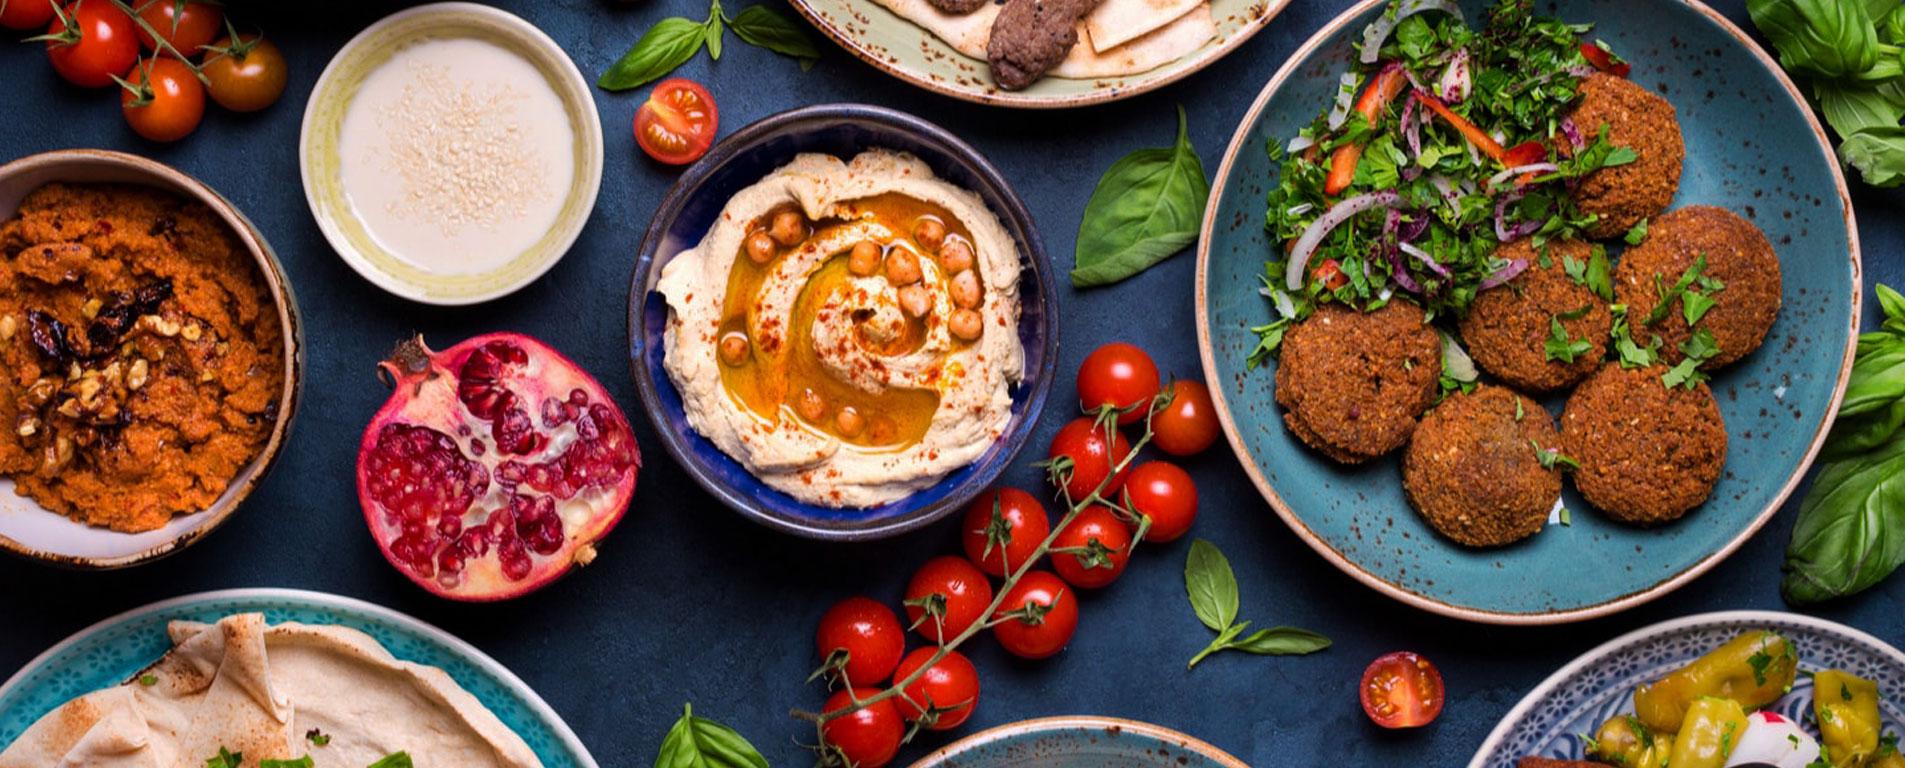 غذاهای دبی ، لذت مزه مزه کردن طعمهای خاص عربی